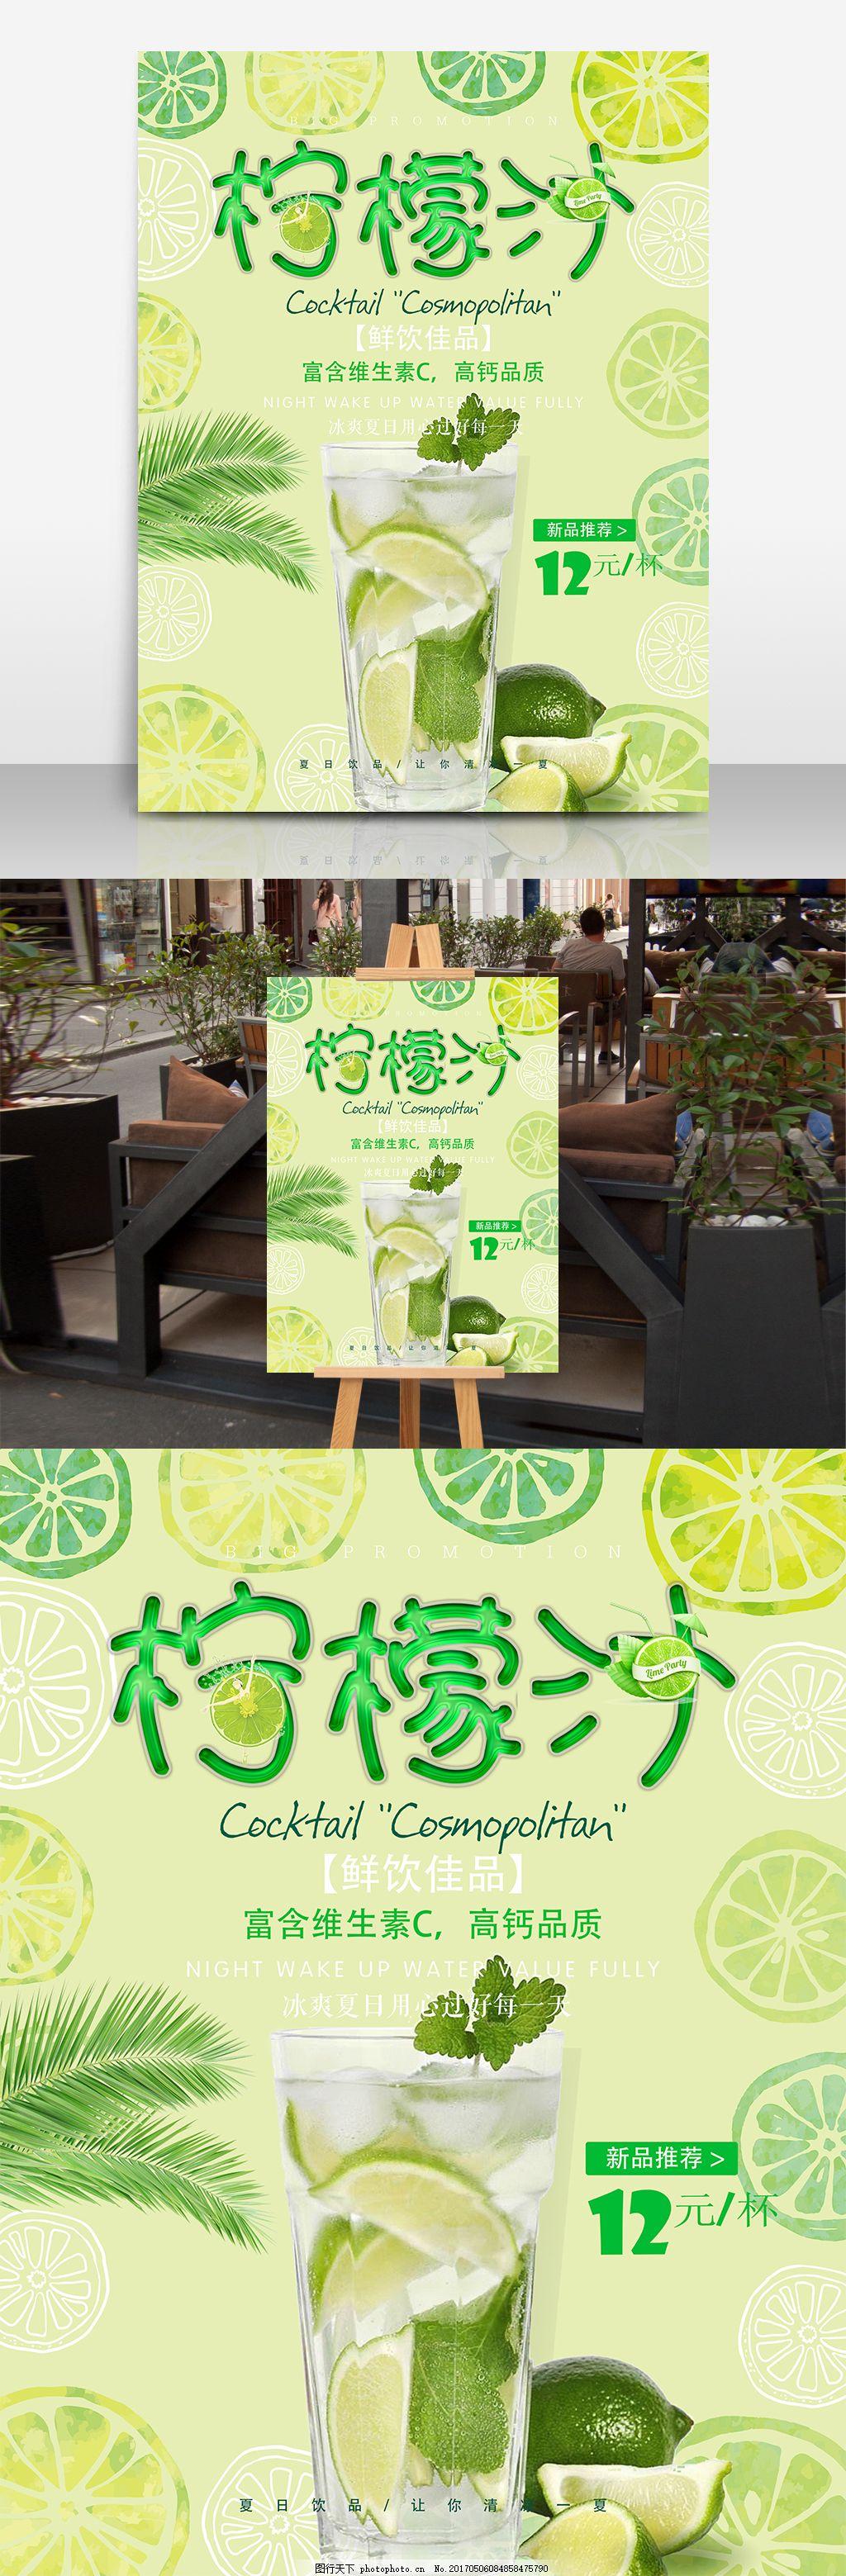 饮品店宣传海报_饮品店柠檬汁促销宣传海报